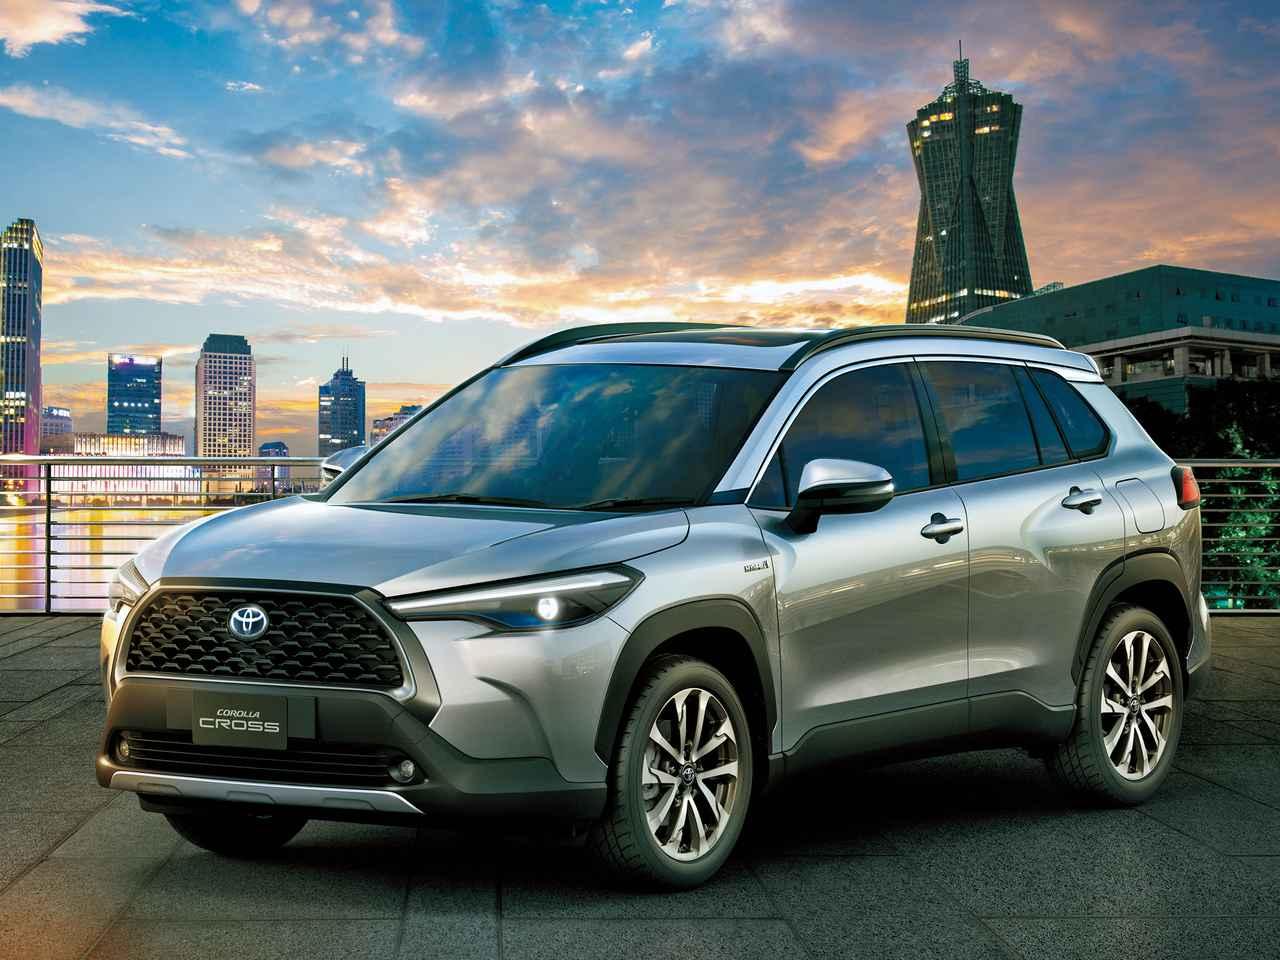 トヨタが新型コンパクトSUVの「カローラ クロス」をタイで世界初公開。気になる日本導入の時期は?